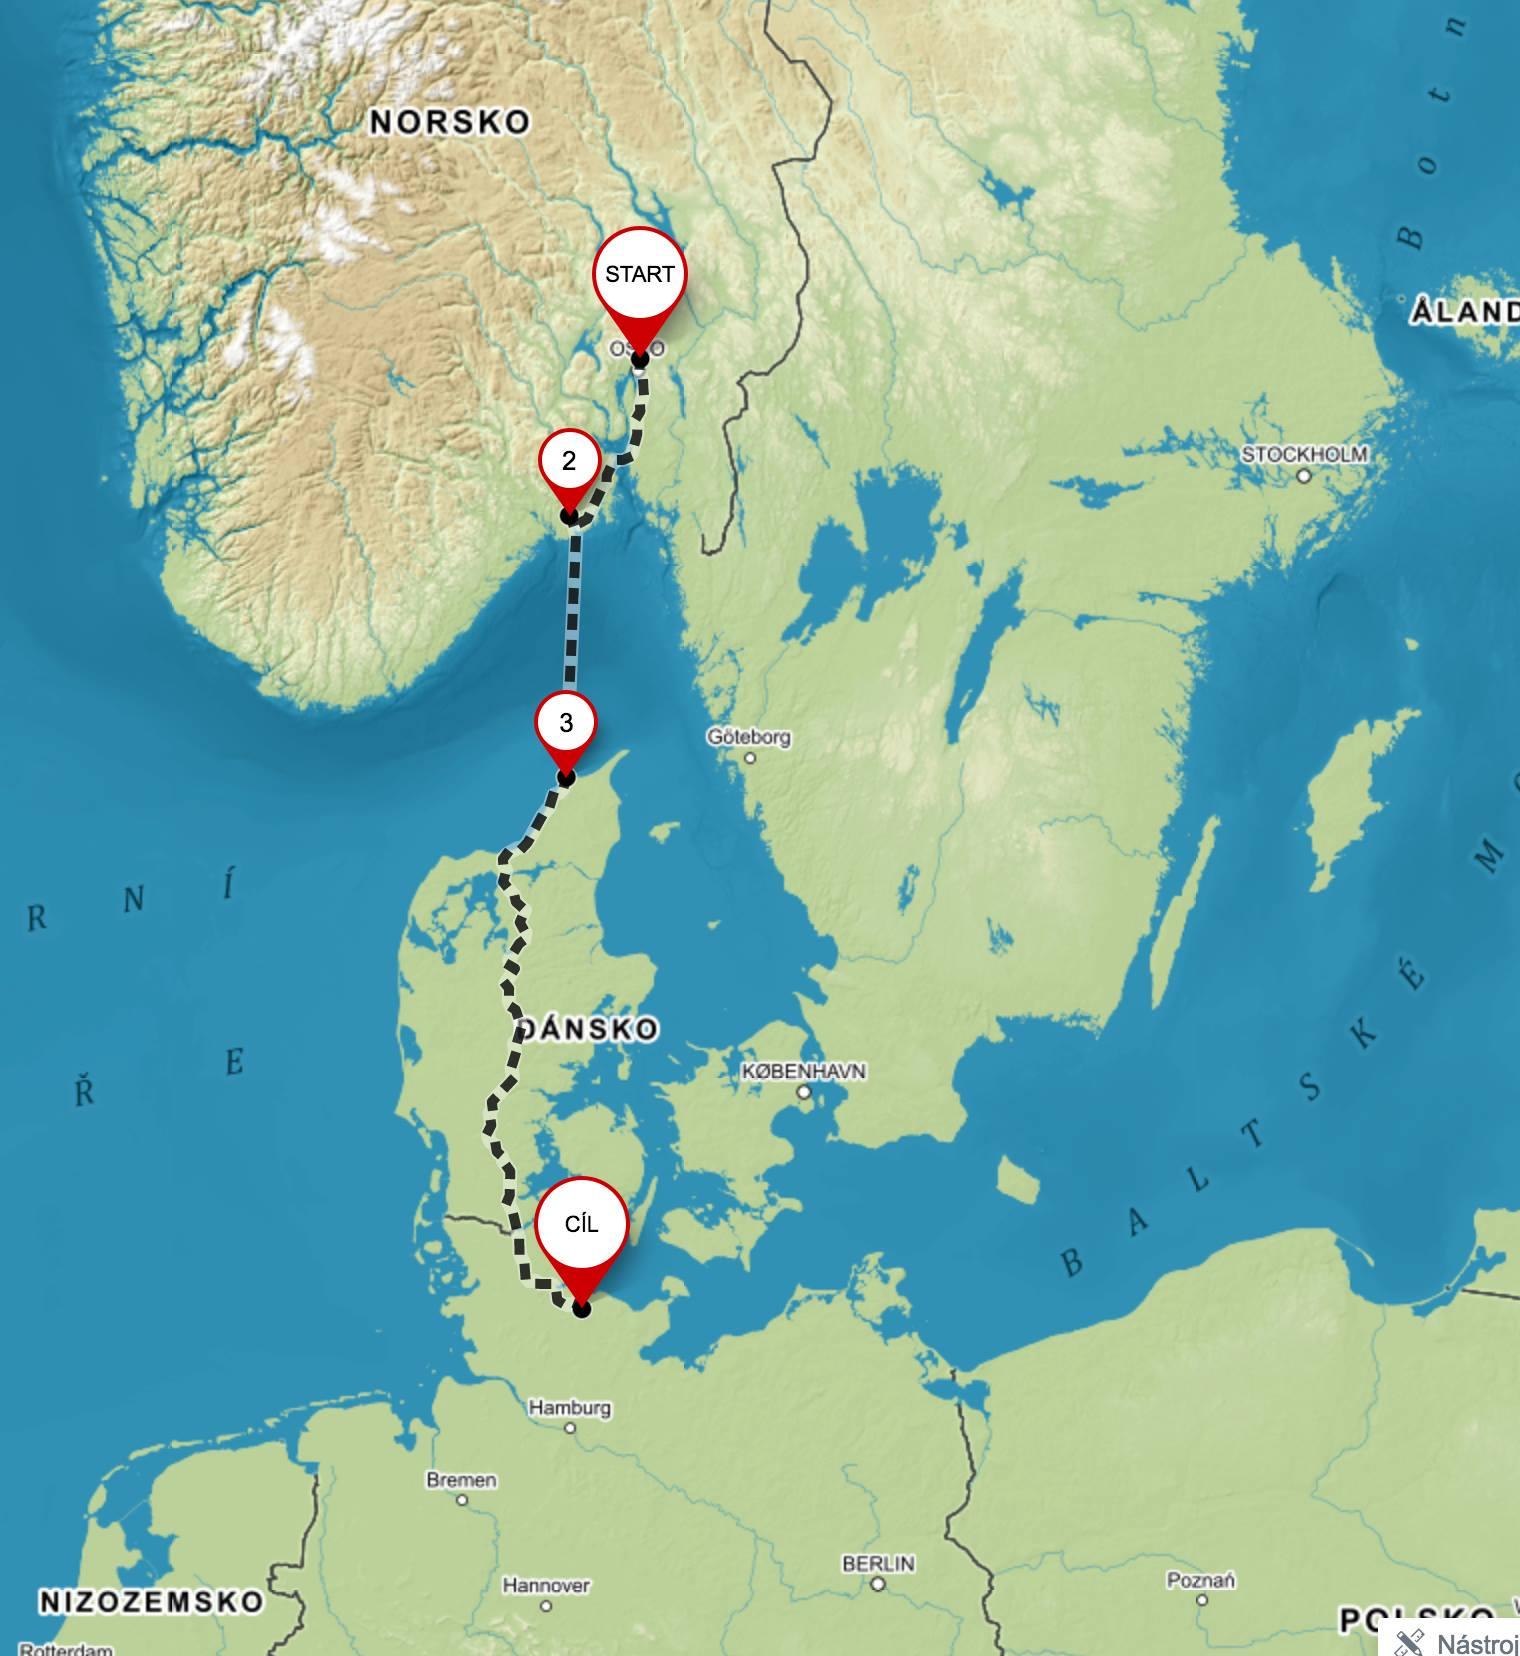 Na kole skrz Dánsko @ Dánsko